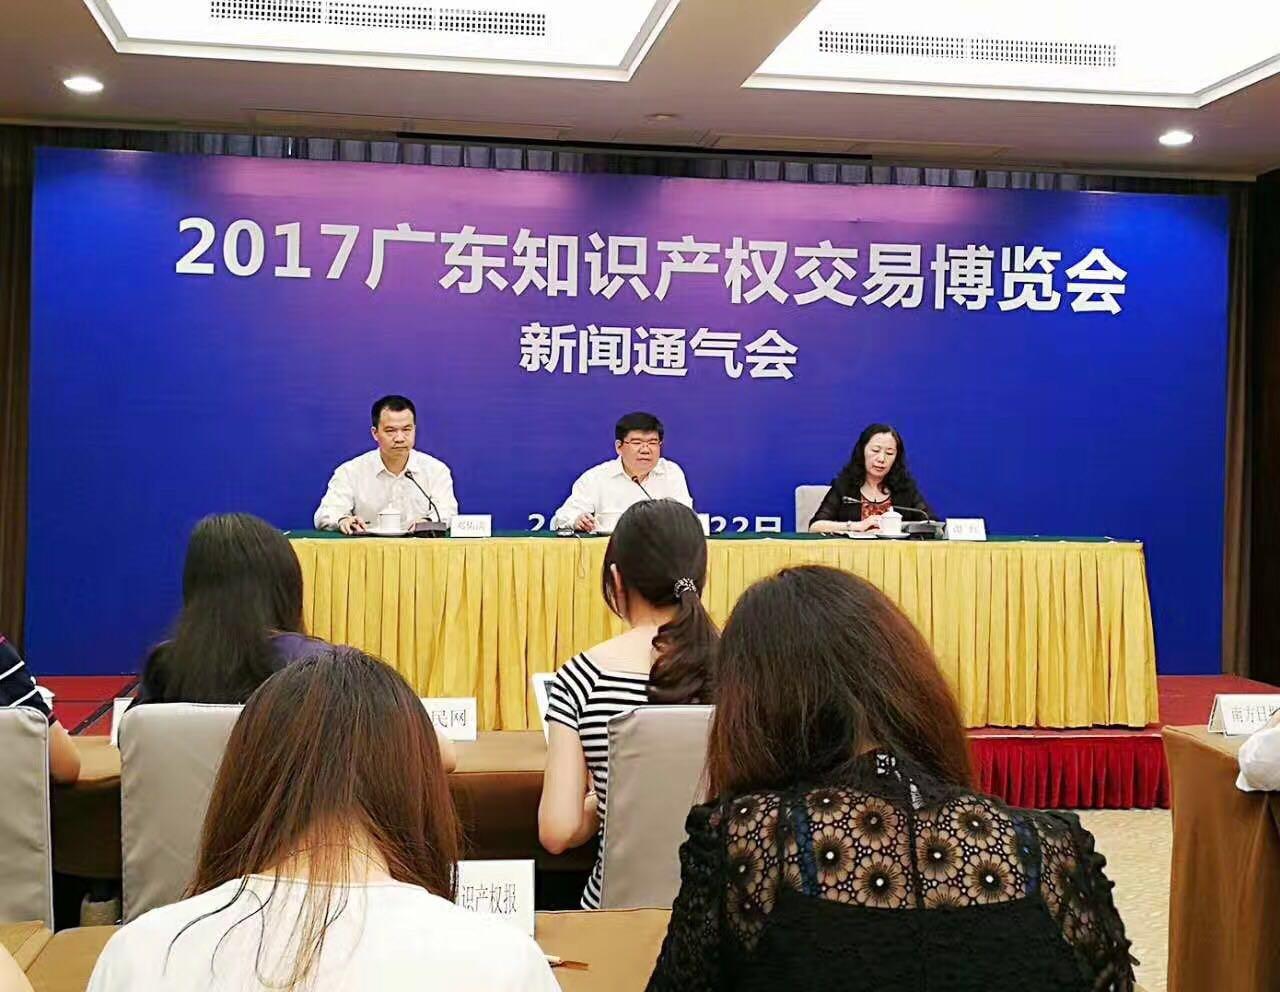 「2017广东知识产权交易博览会」将于8月31日在广州举行!